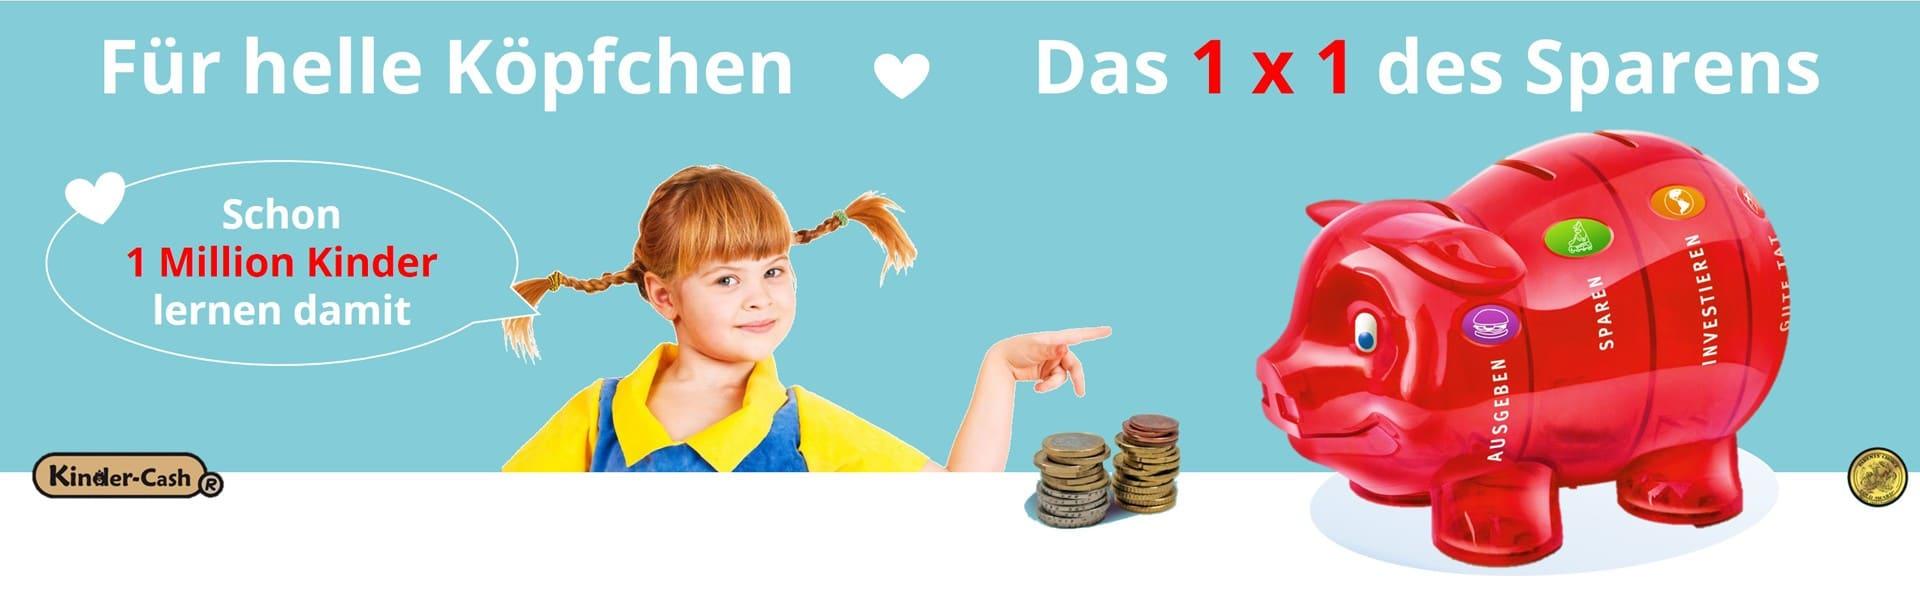 Sparschwein Kinder-Cash Taschengeld